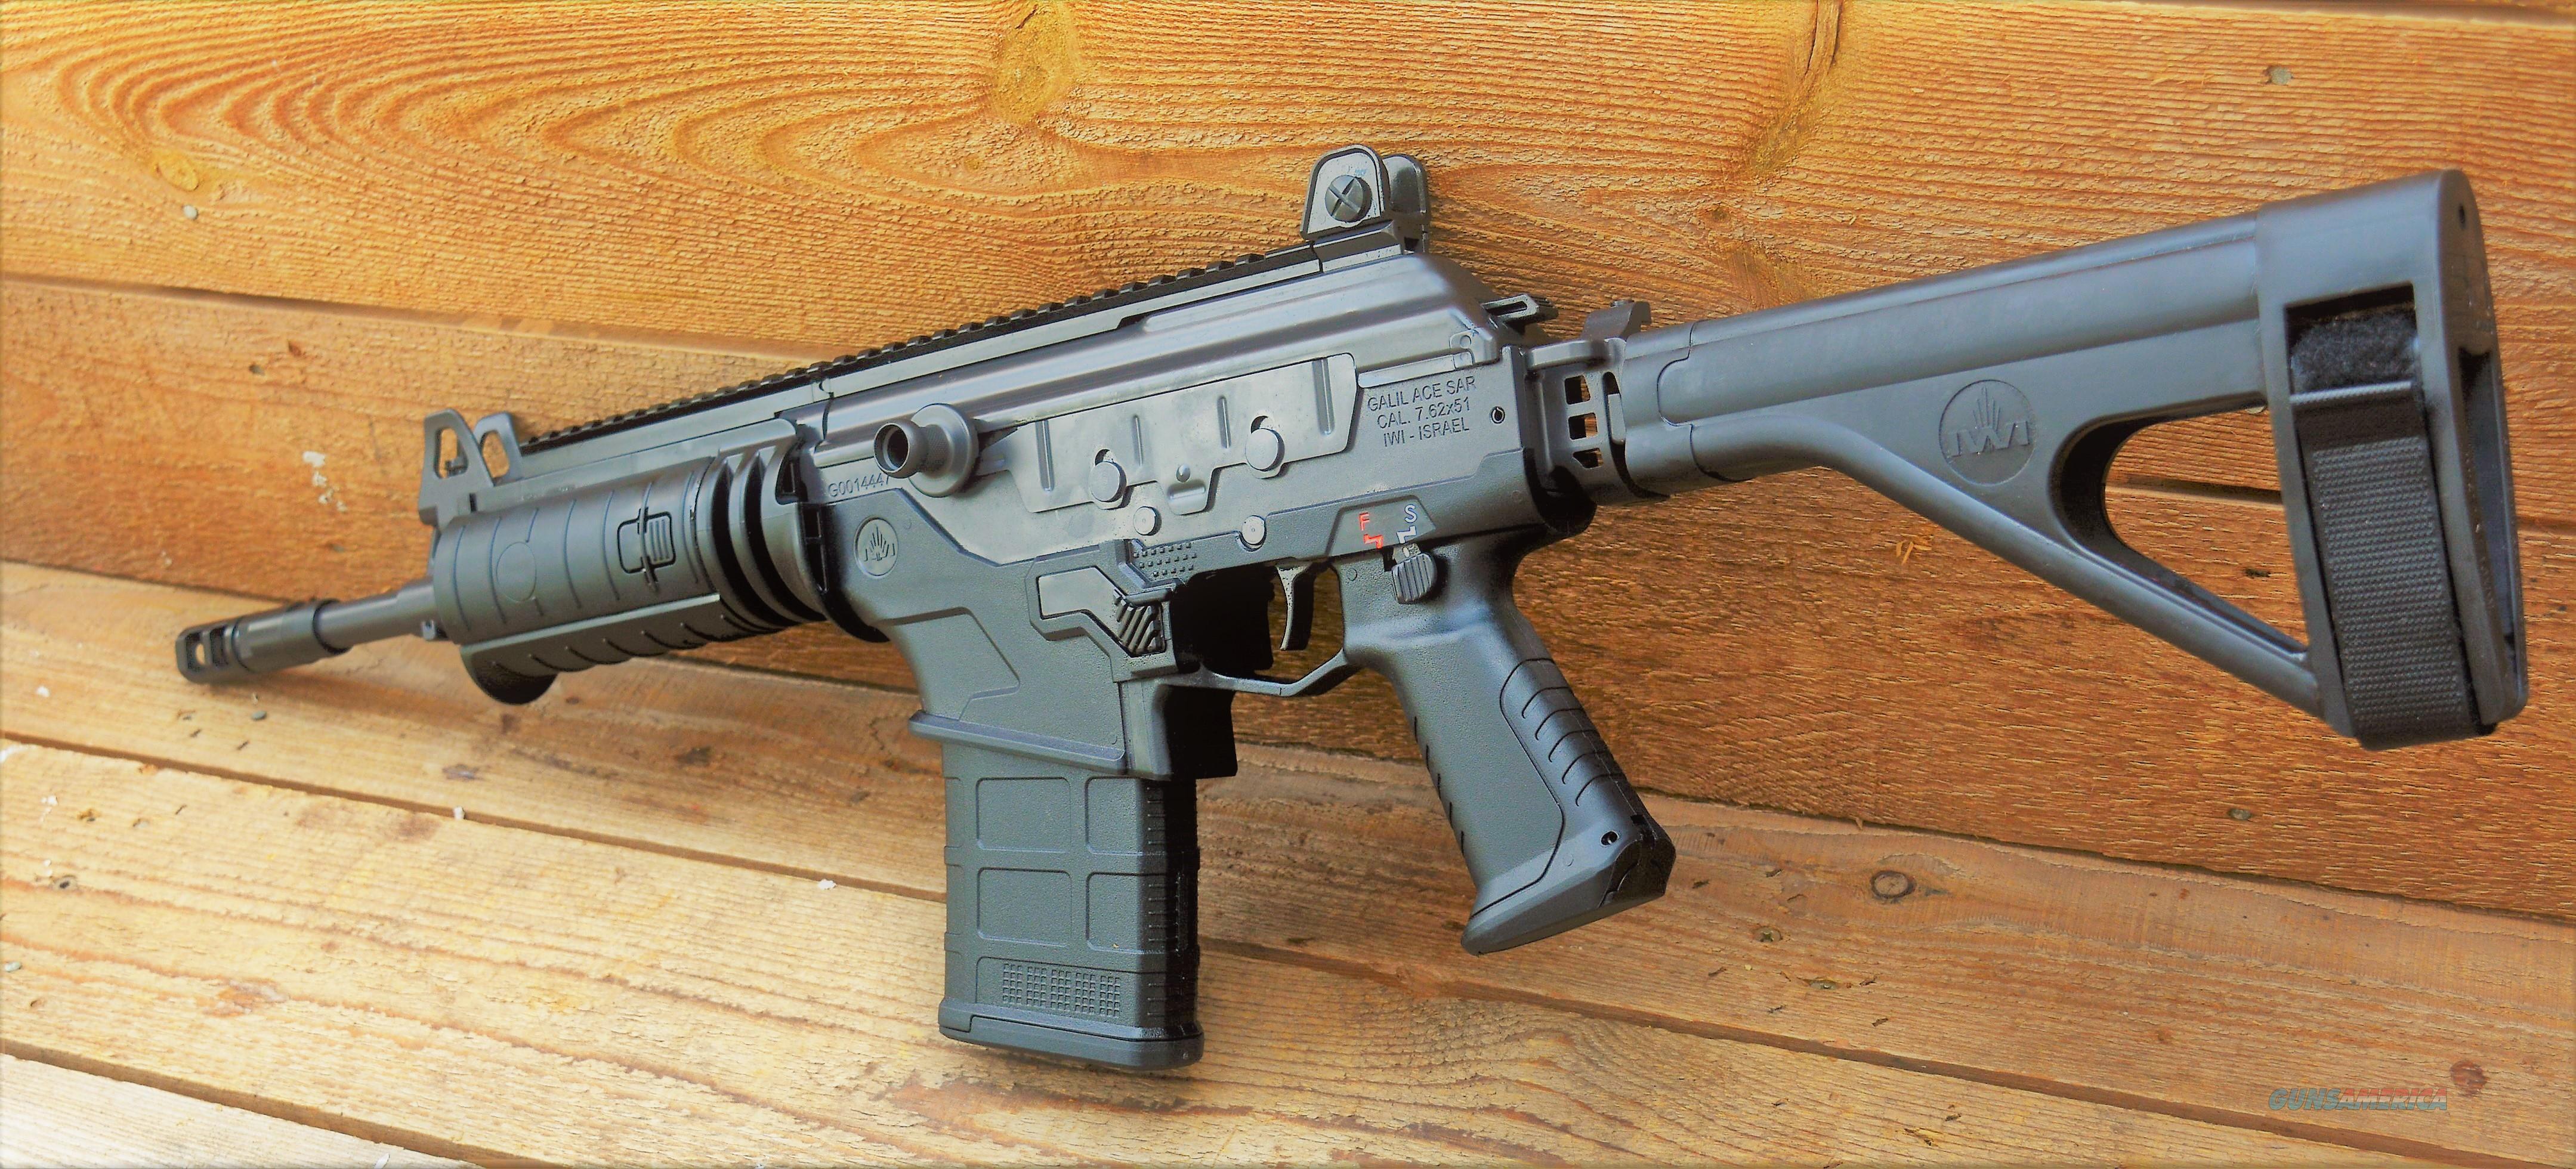 1 $110 EASY PAY IWI Galil Ace Side Folding Pistol W Stabilizing Brace  Pistol steel milled receiver